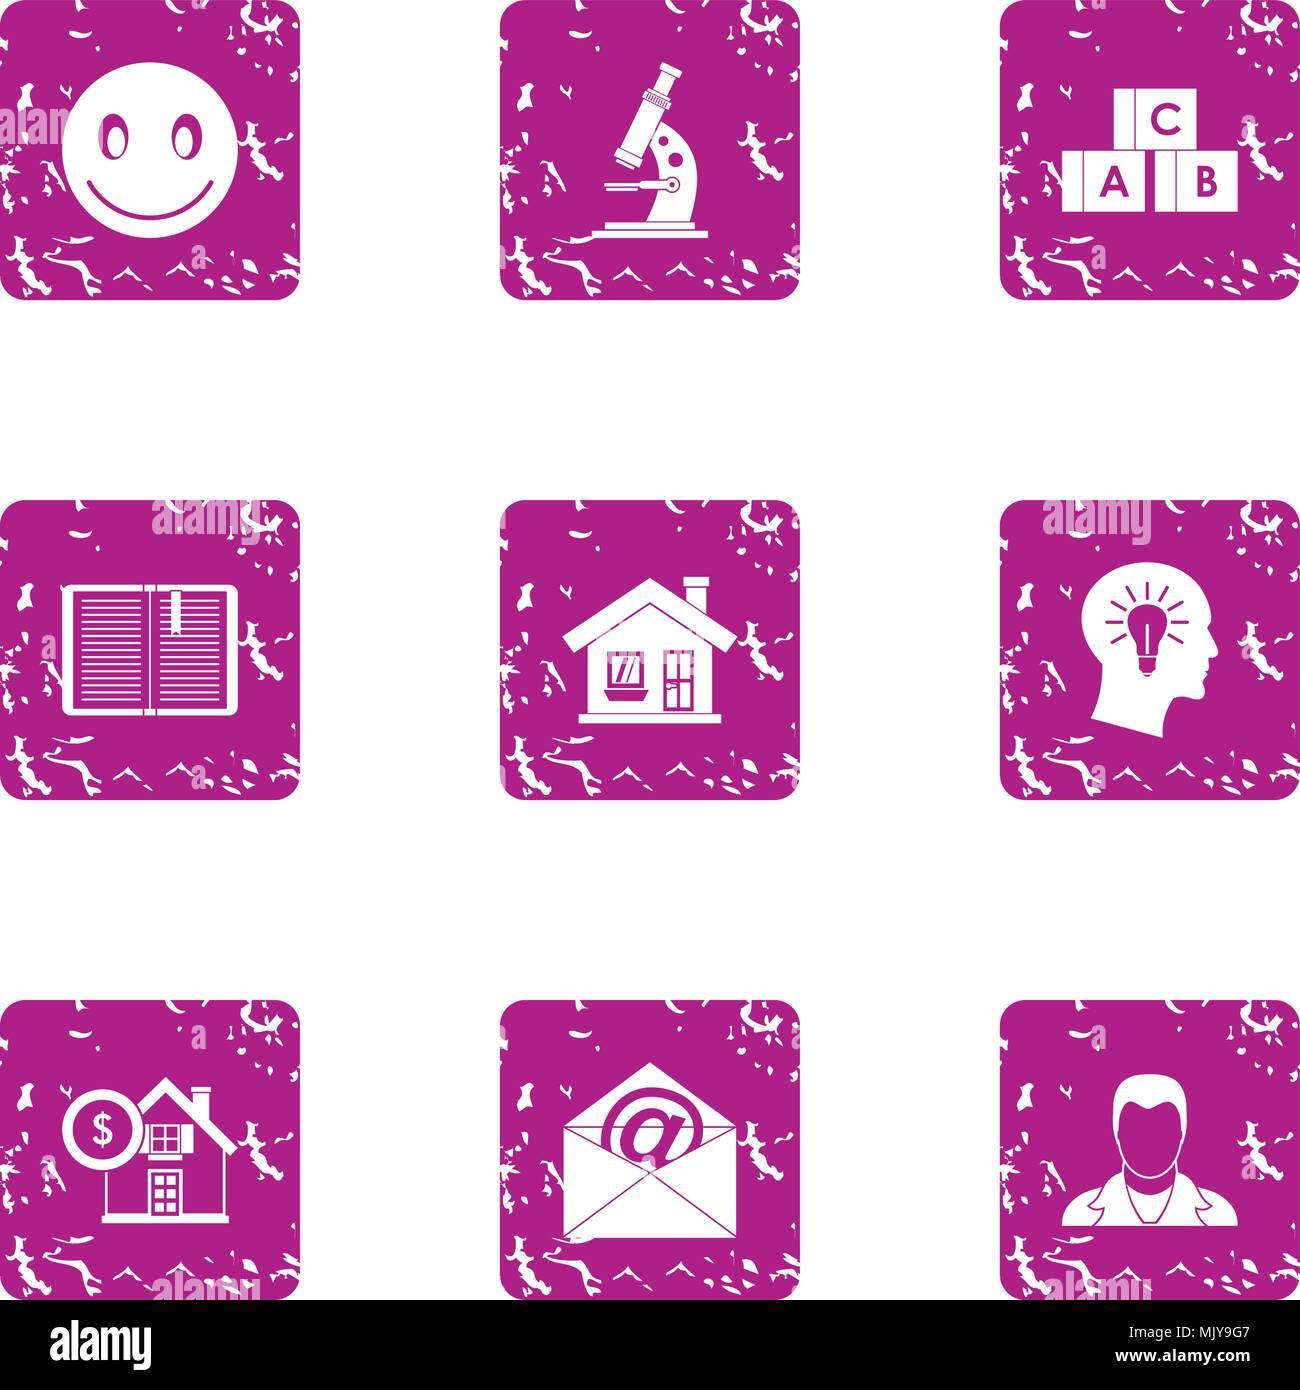 Mind of child icons set, grunge style - Stock Image